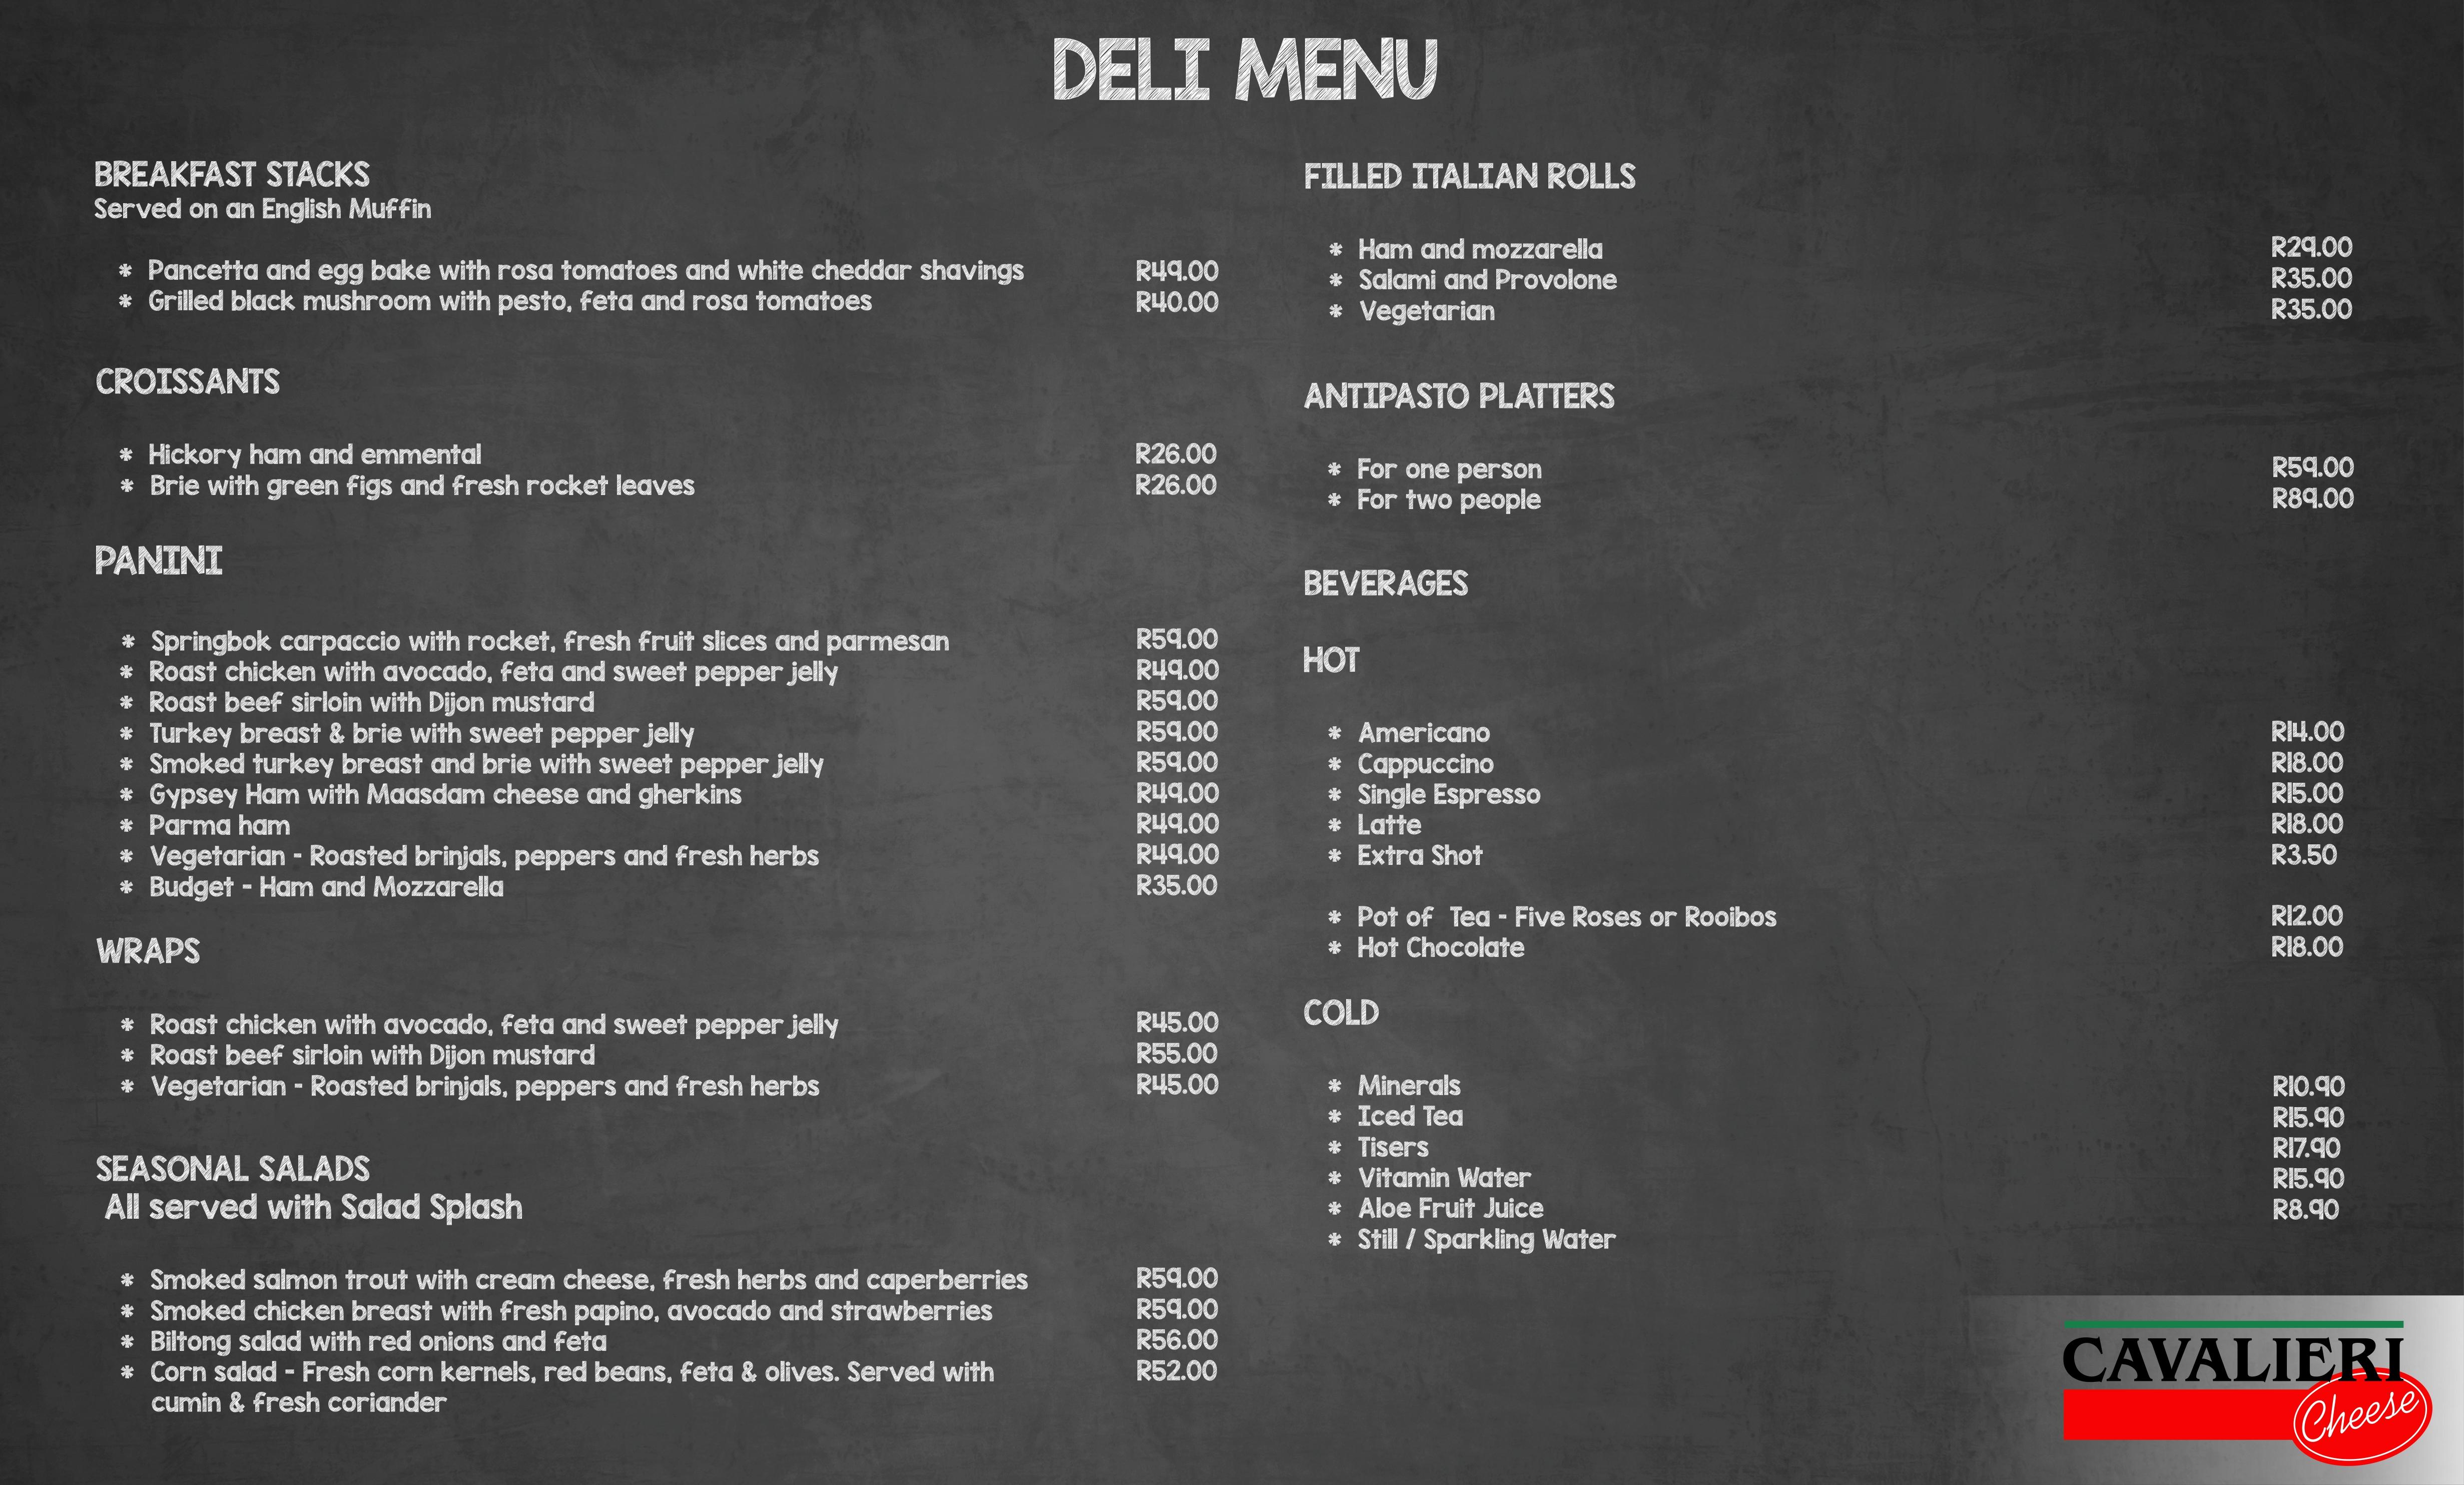 cavalieri-deli-menu-2016